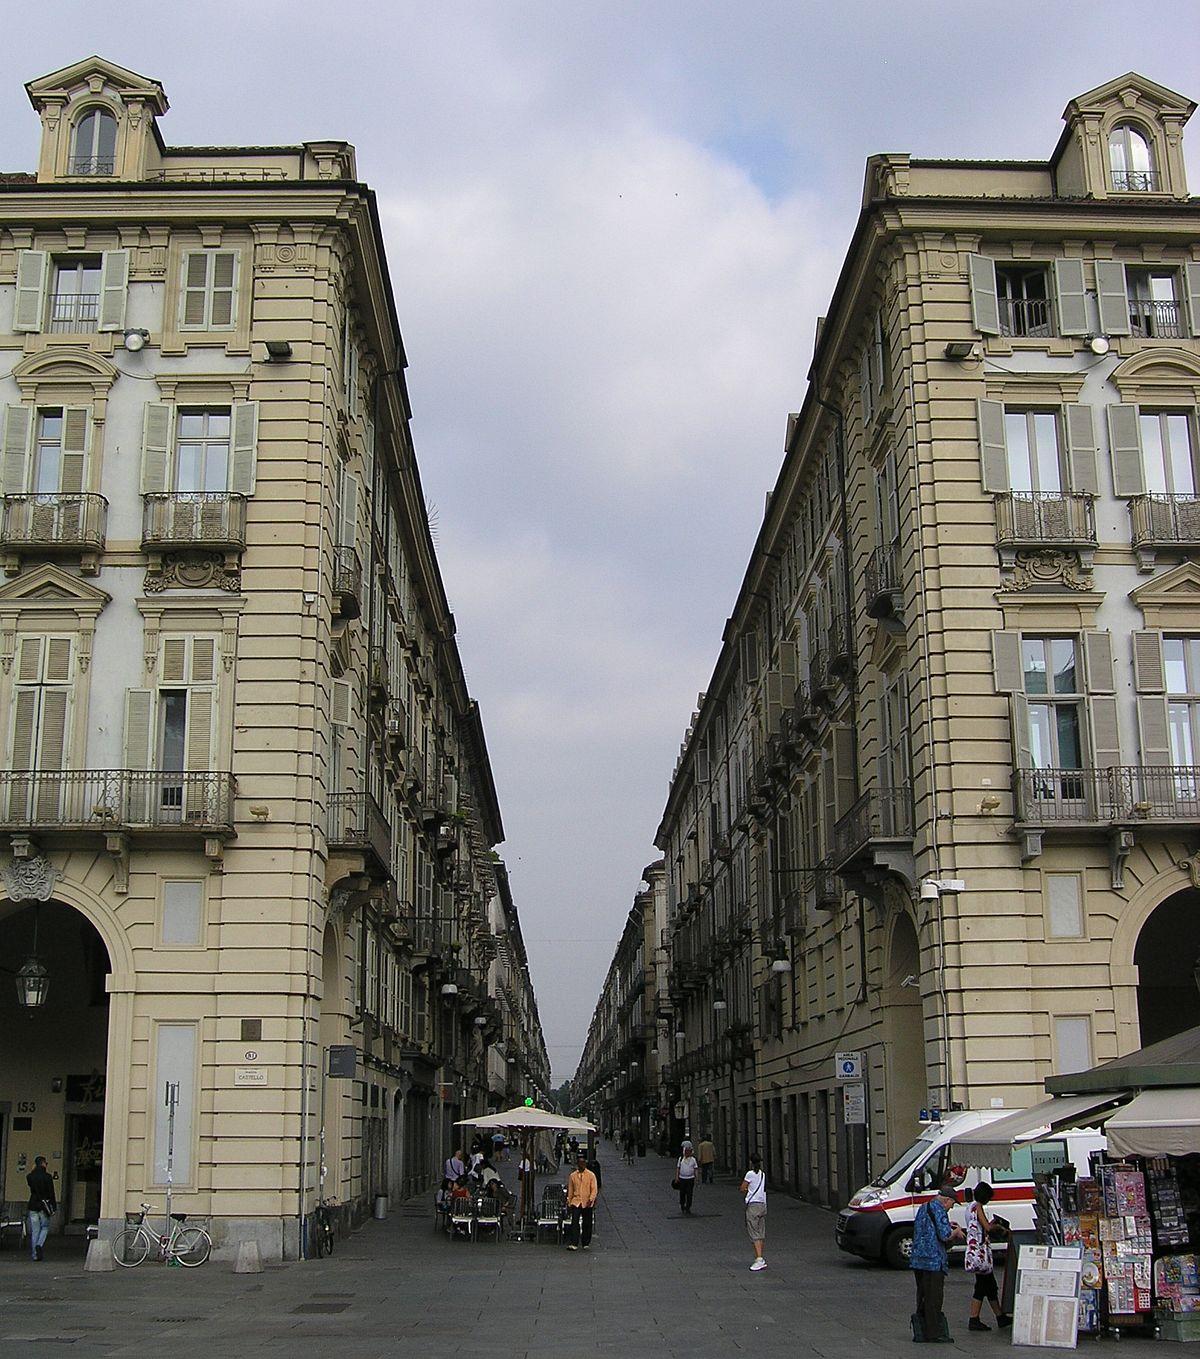 Ͽ������ Ͽ�������� Ͽ�������� Ͽ�������������� Ͽ������: Via Garibaldi (Torino)